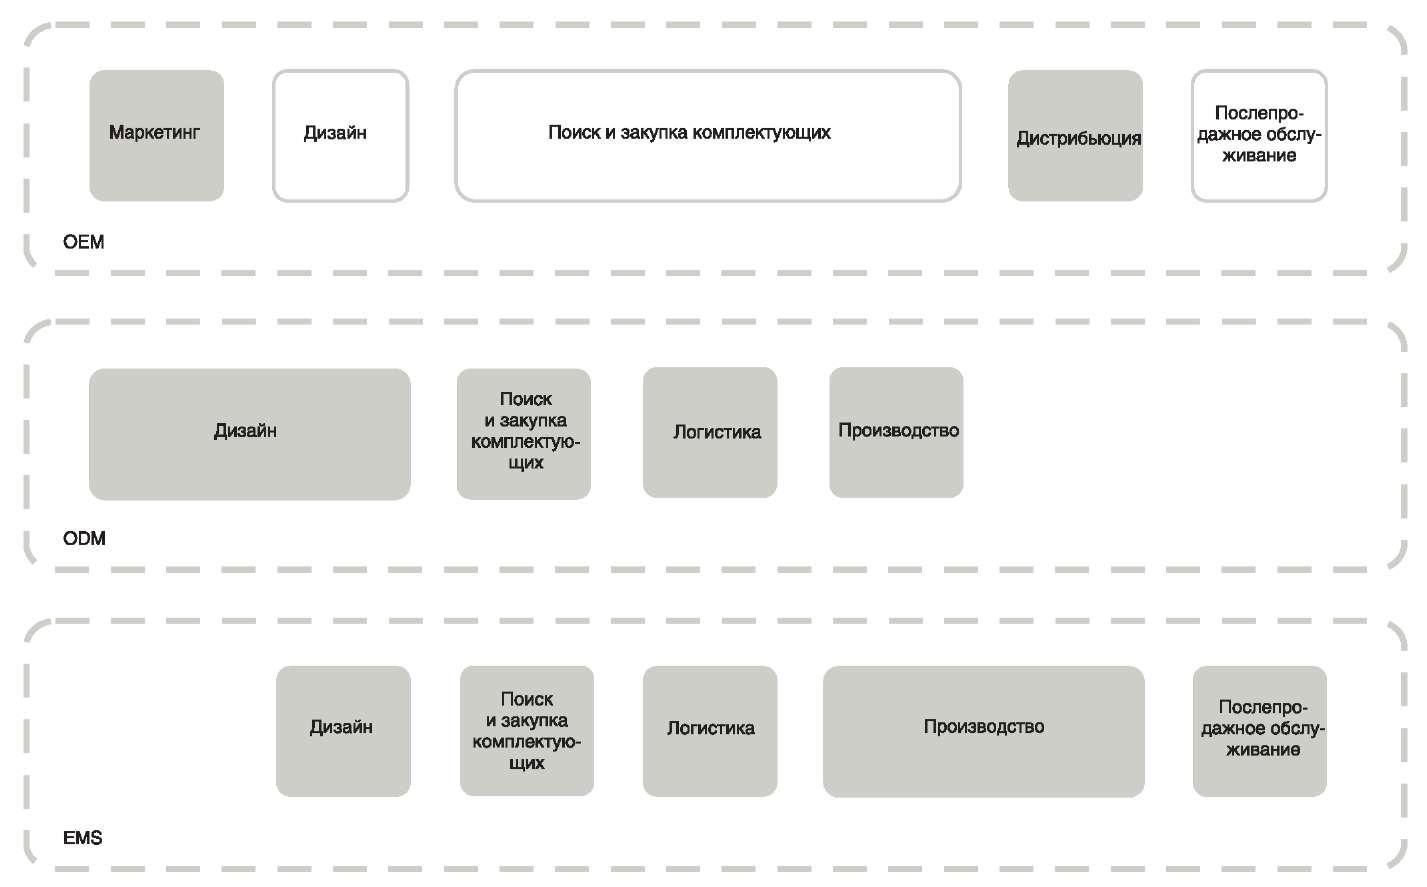 Зоны ответственности ОЕМ-, ODM- и EMS-компаний